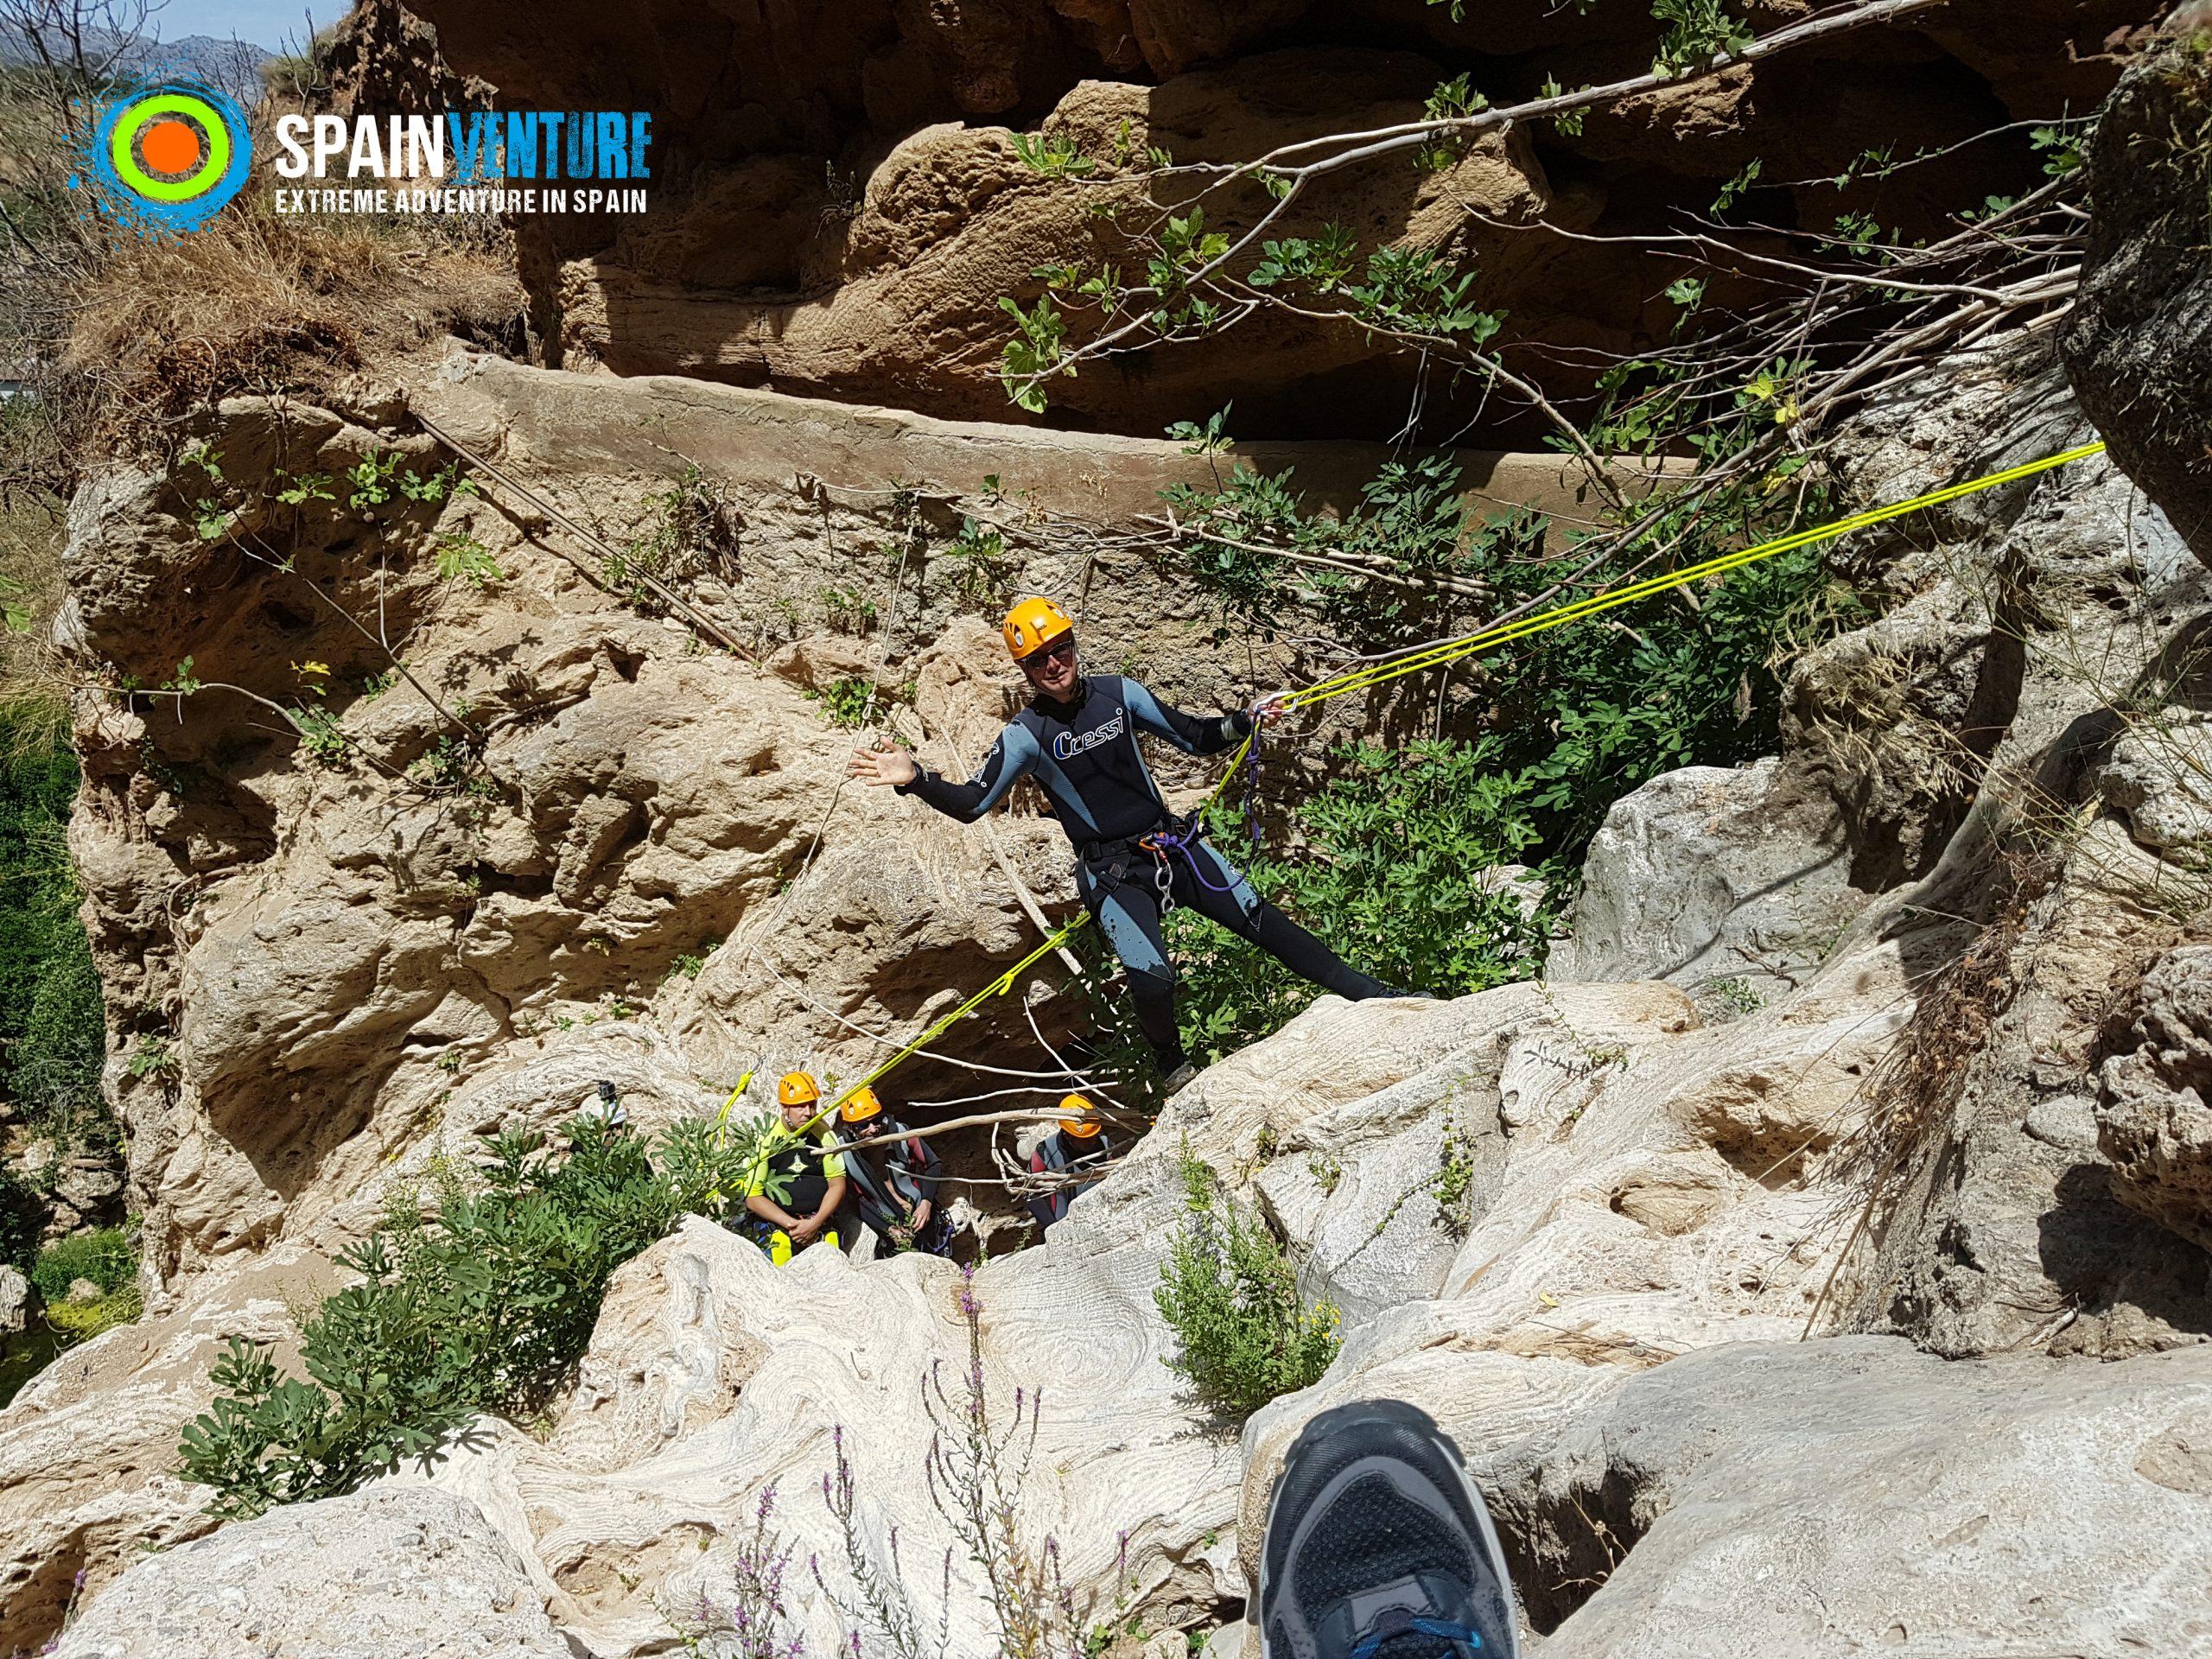 Spainventure Barranquismo Experiencia en Ronda